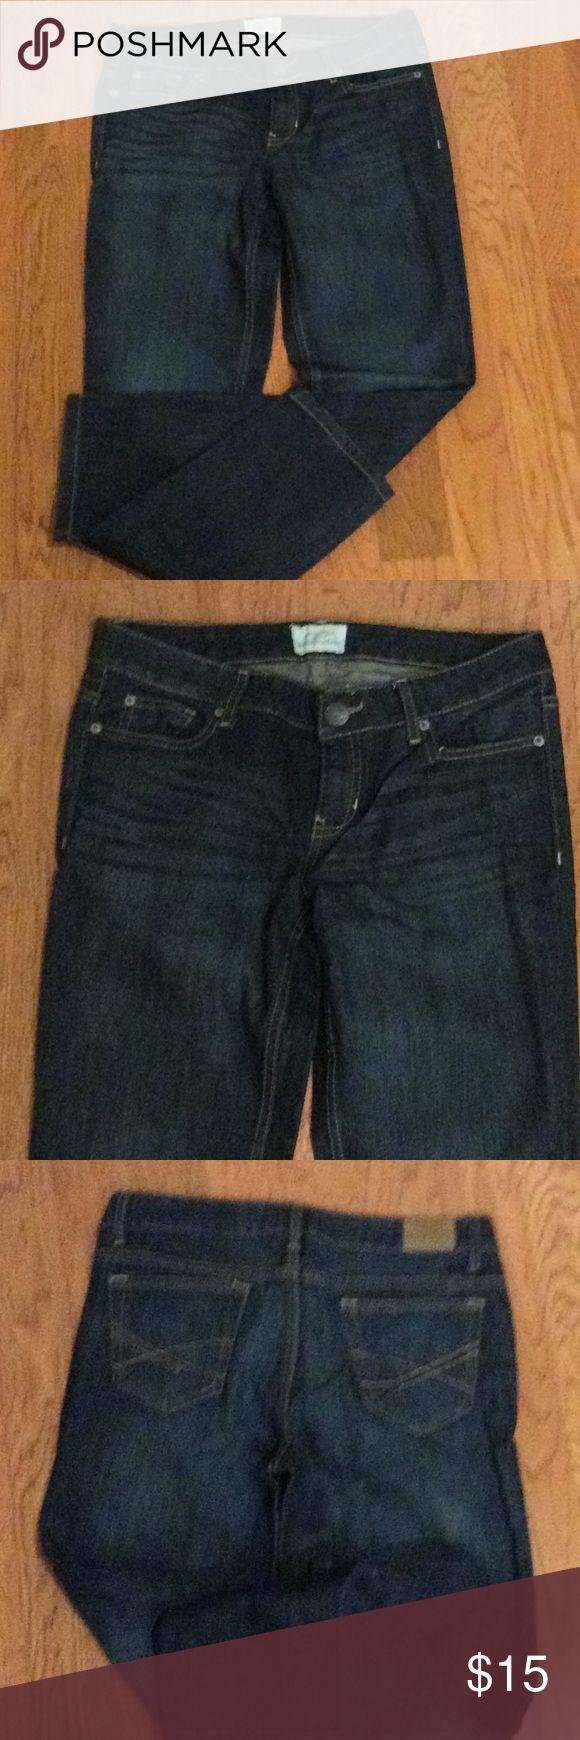 Aeropostale skinny jeans Aeropostale skinny jeans in size 7/8 short Jeans Skinny